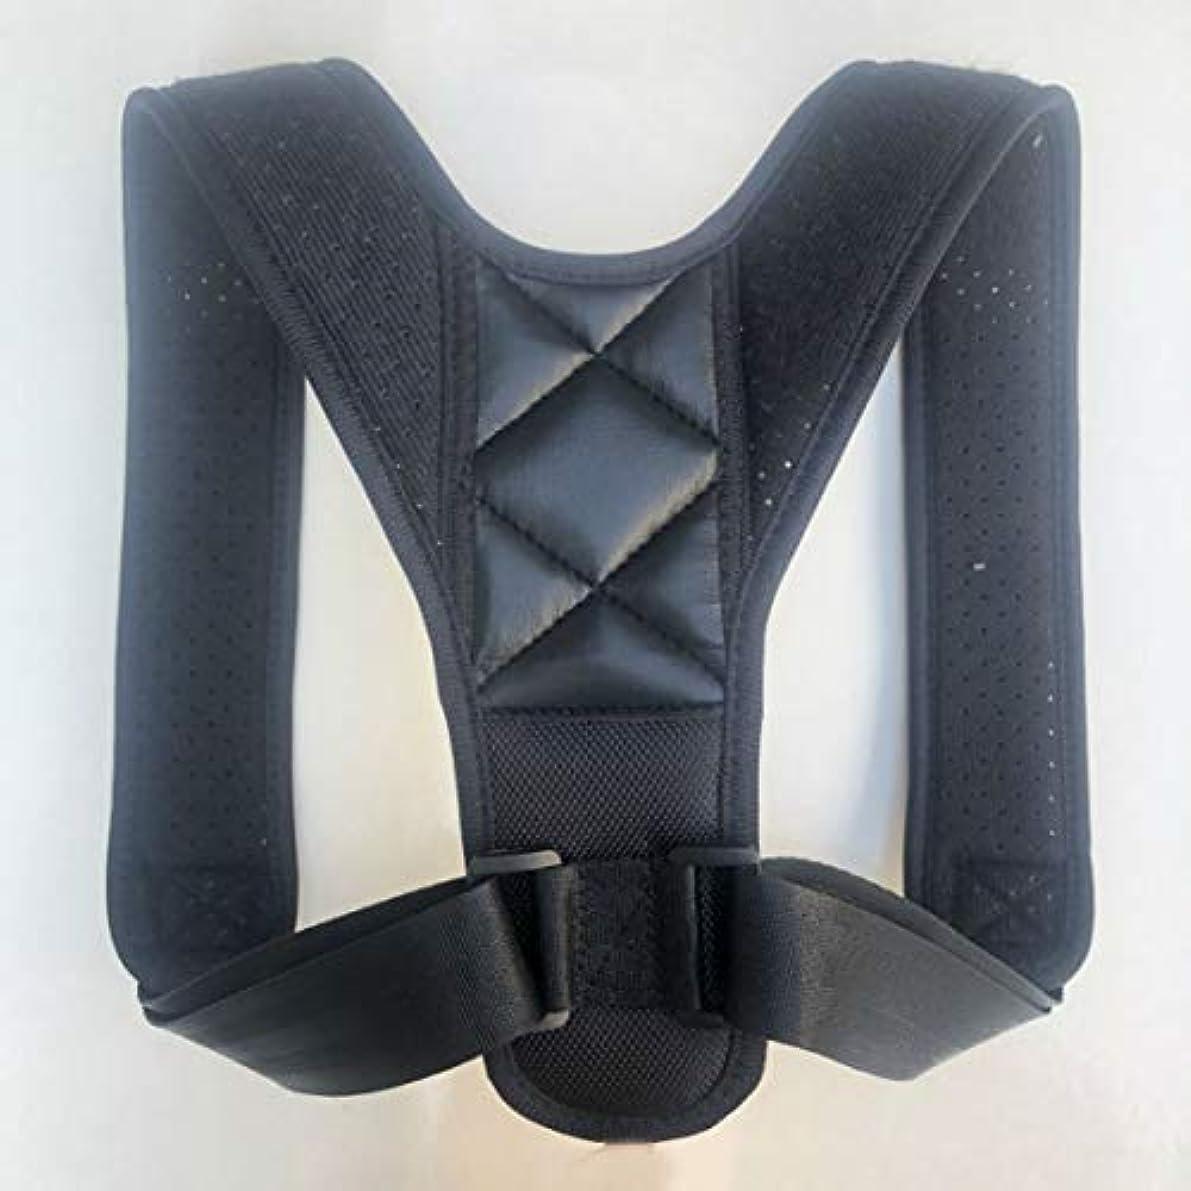 運営こっそりムスアッパーバックポスチャーコレクター姿勢鎖骨サポートコレクターバックストレートショルダーブレースストラップコレクター - ブラック